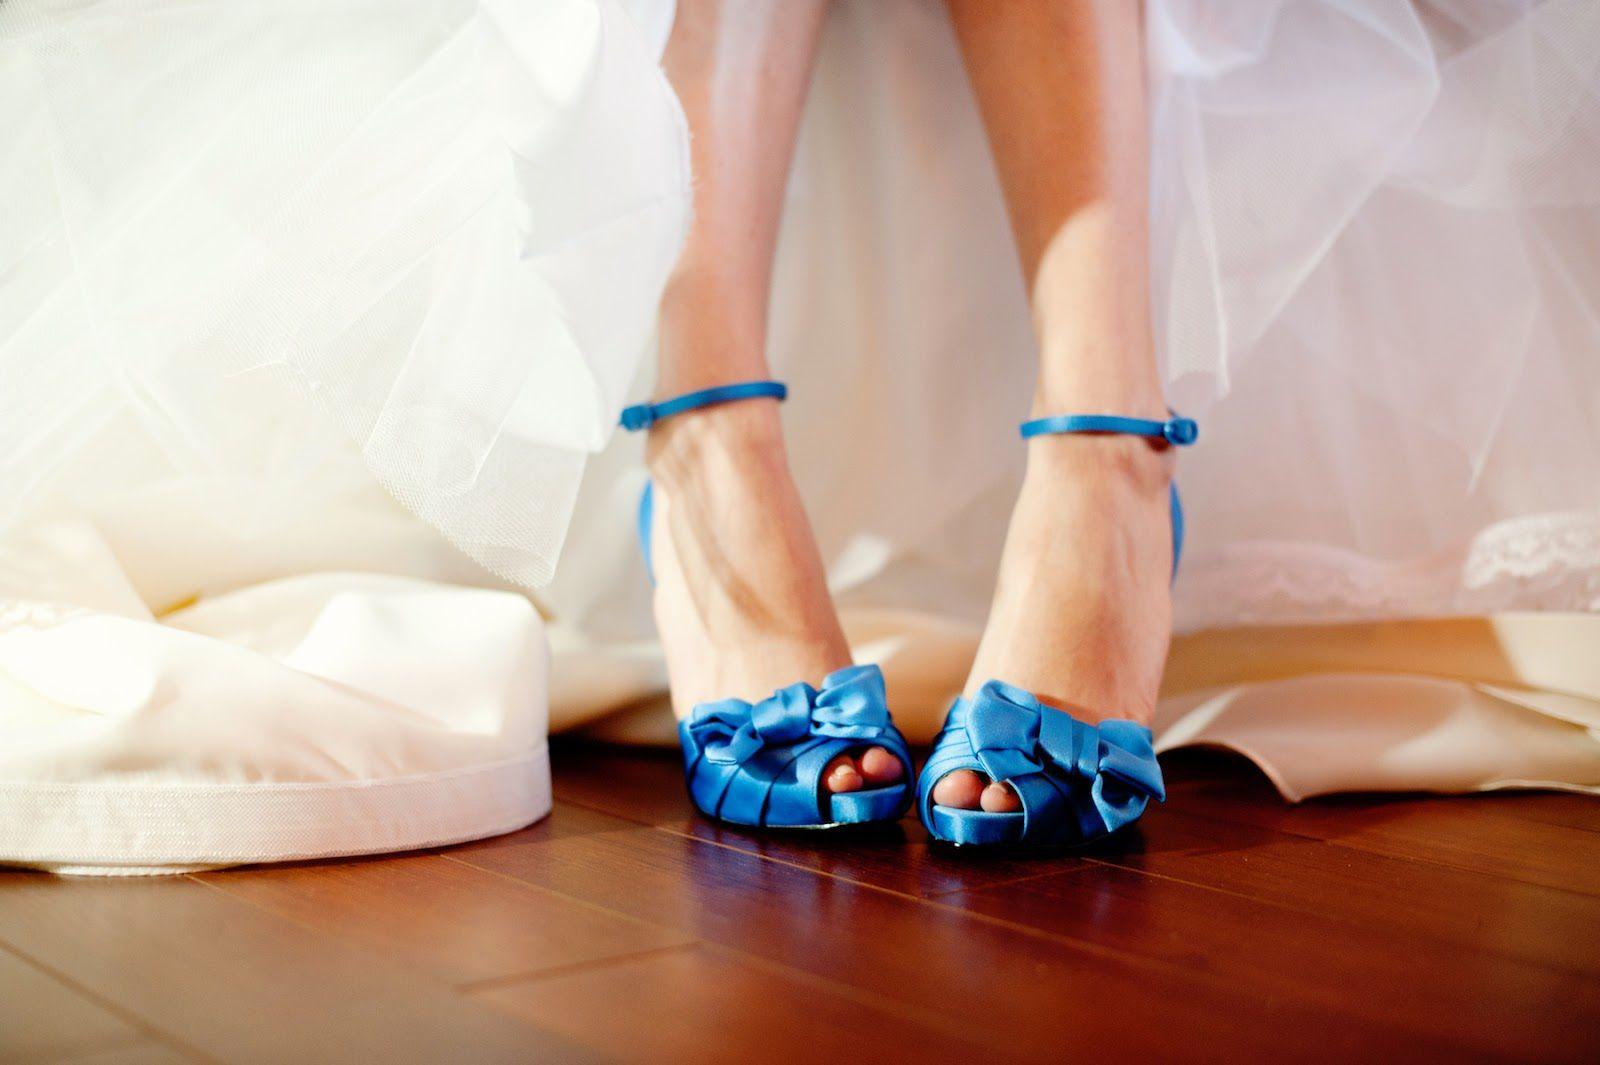 sapatodenoiva-azul-acessorios-detalhe-noiva-vestidodenoiva